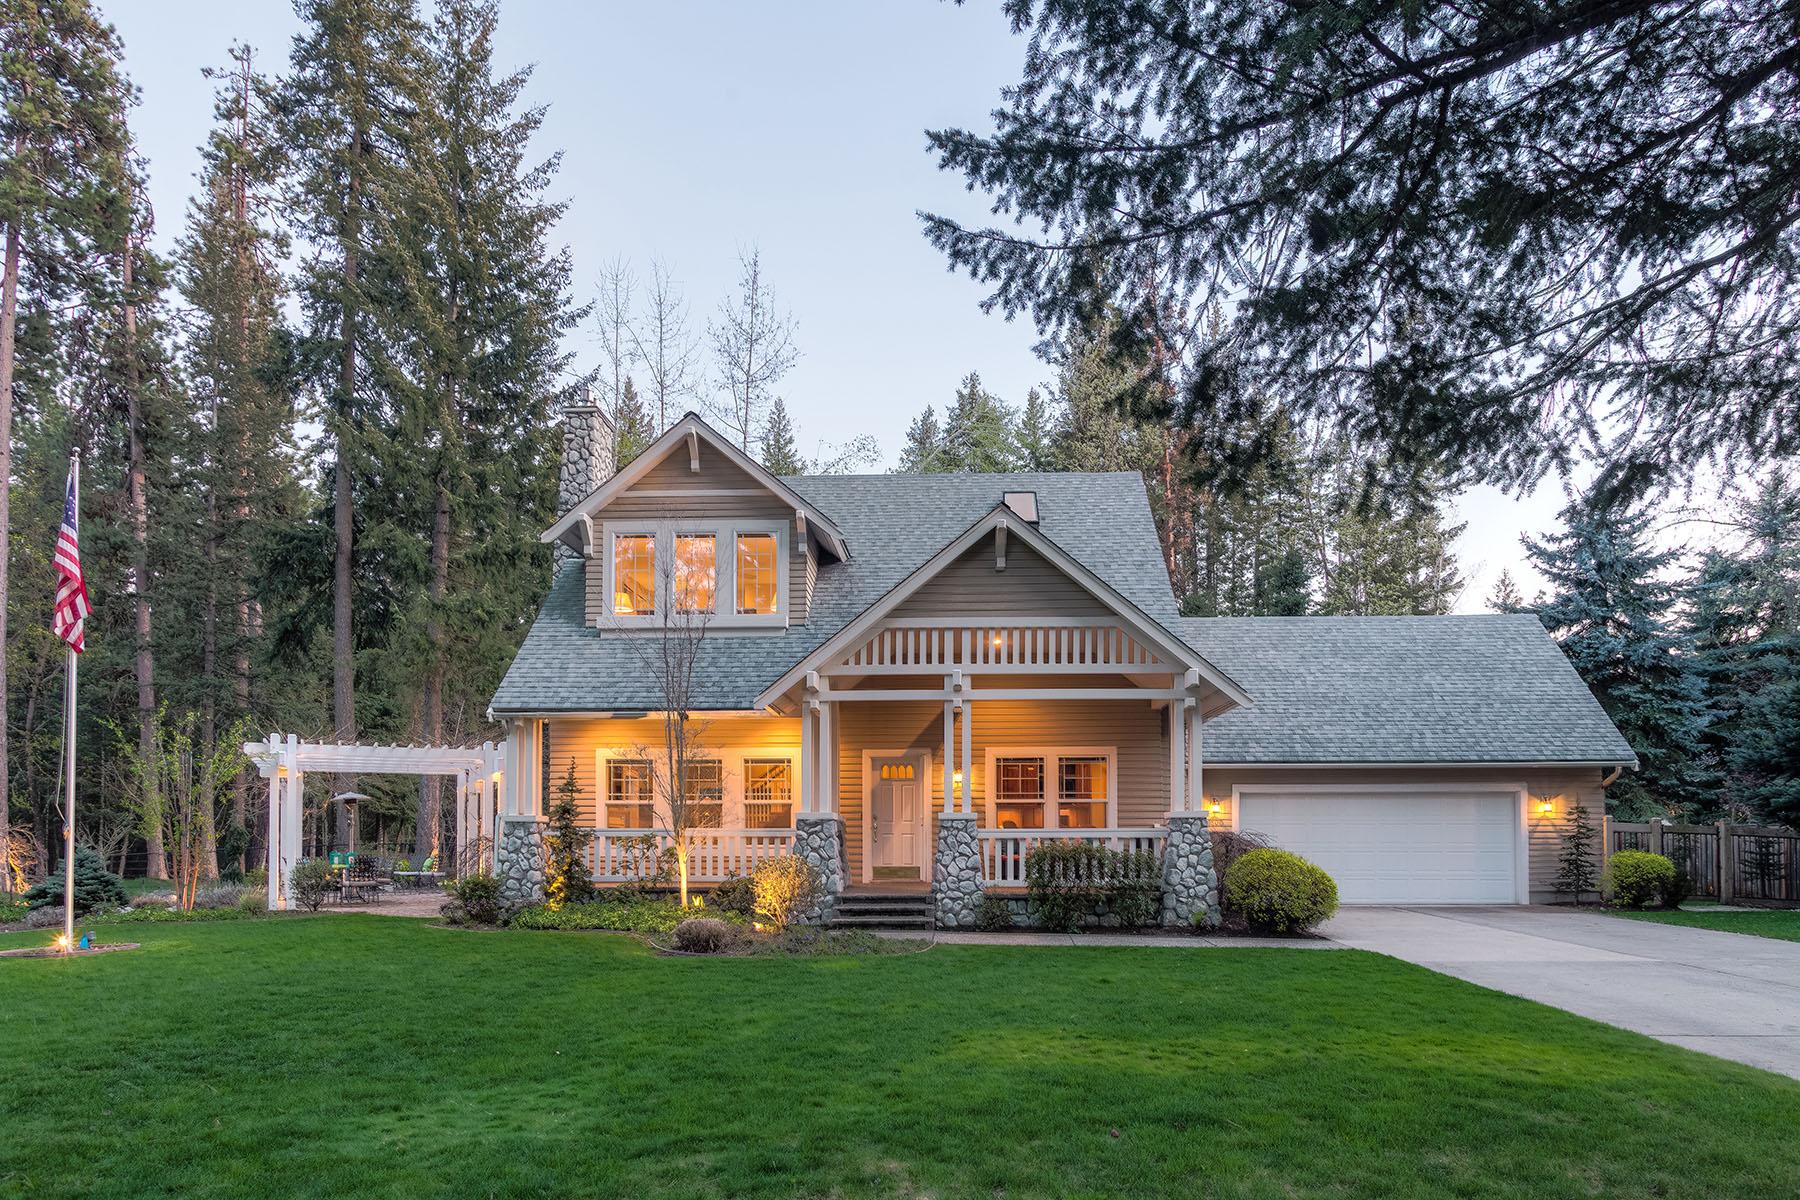 Einfamilienhaus für Verkauf beim Hayden Lake Extraordinary Lifestyle Home 1800 E Hayden Ave Hayden Lake, Idaho, 83835 Vereinigte Staaten